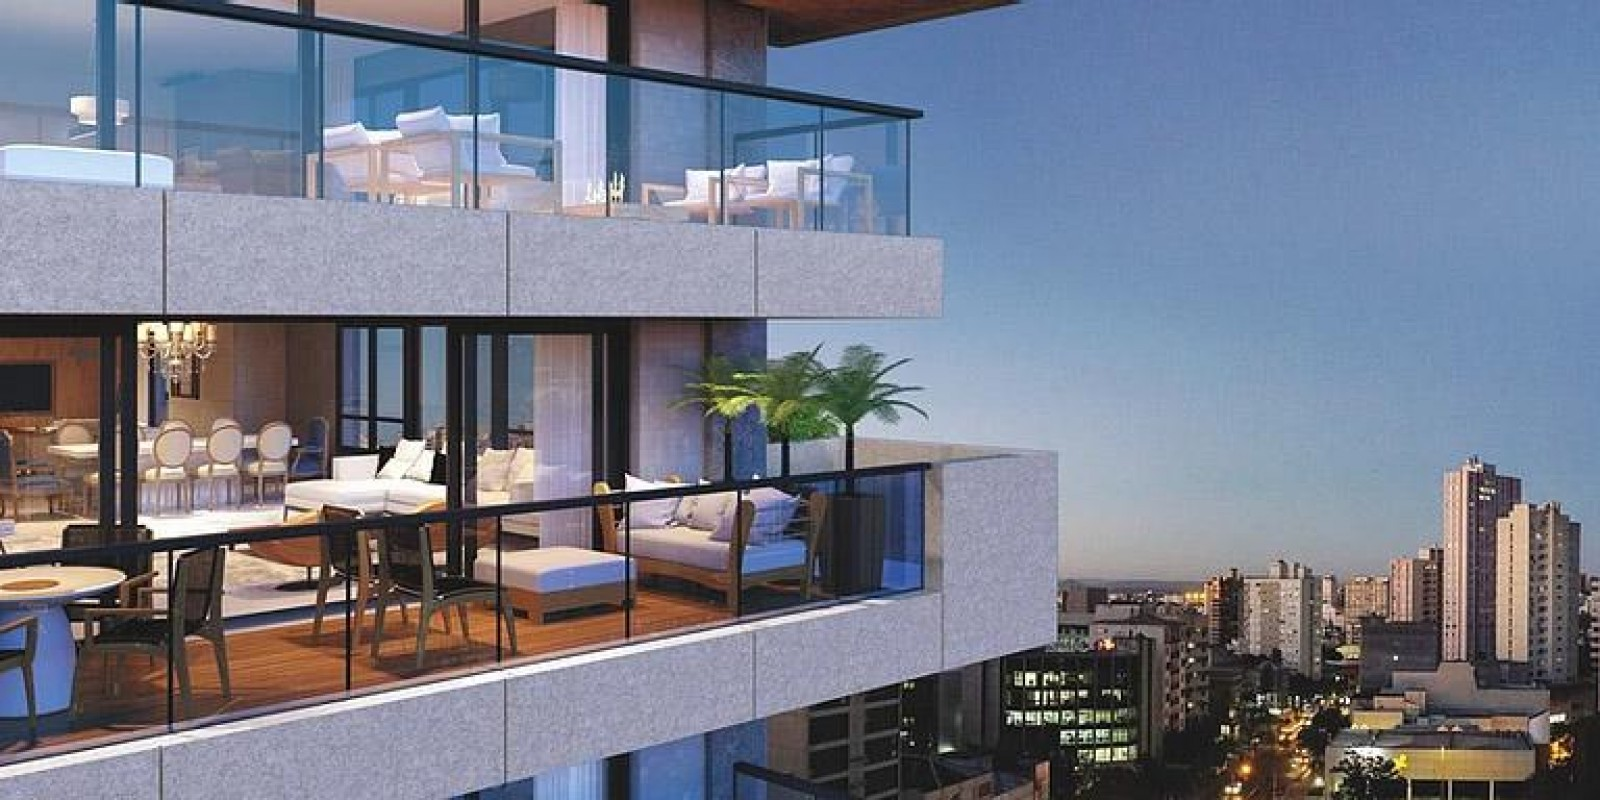 TPS Imóveis - Veja Foto 6 de 19 do 1 Apartamento por Andar em Frente ao Parcão